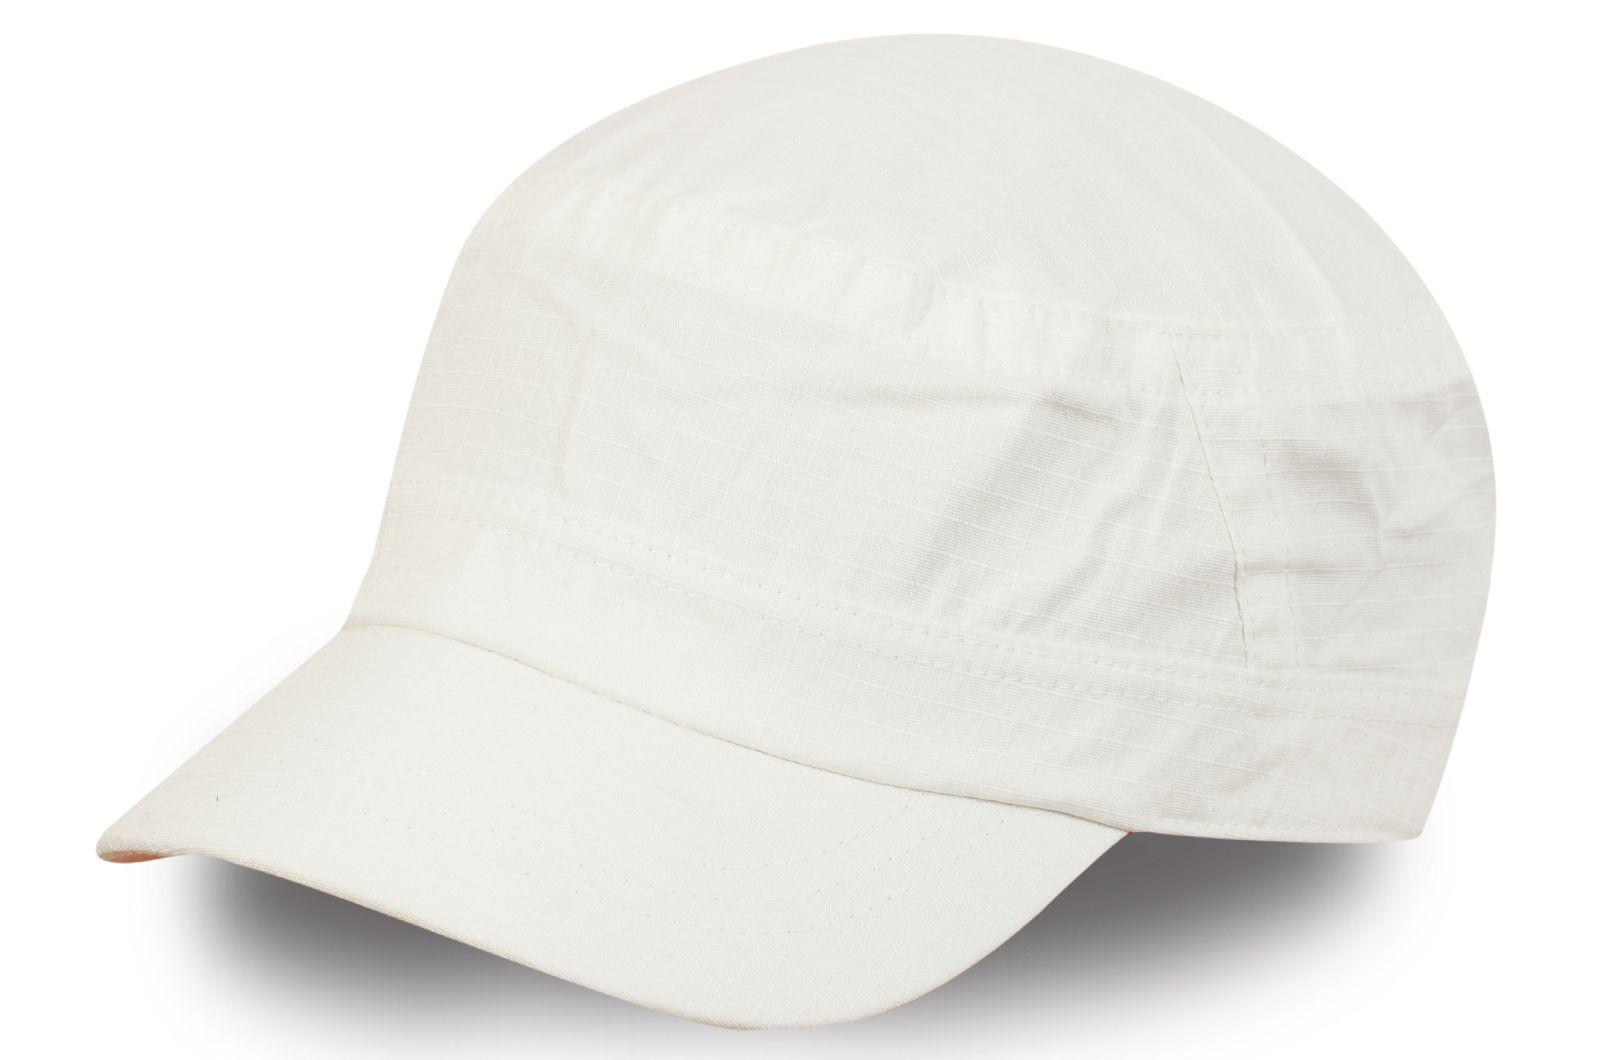 Женская кепка белого цвета | Купить женские кепки с доставкой